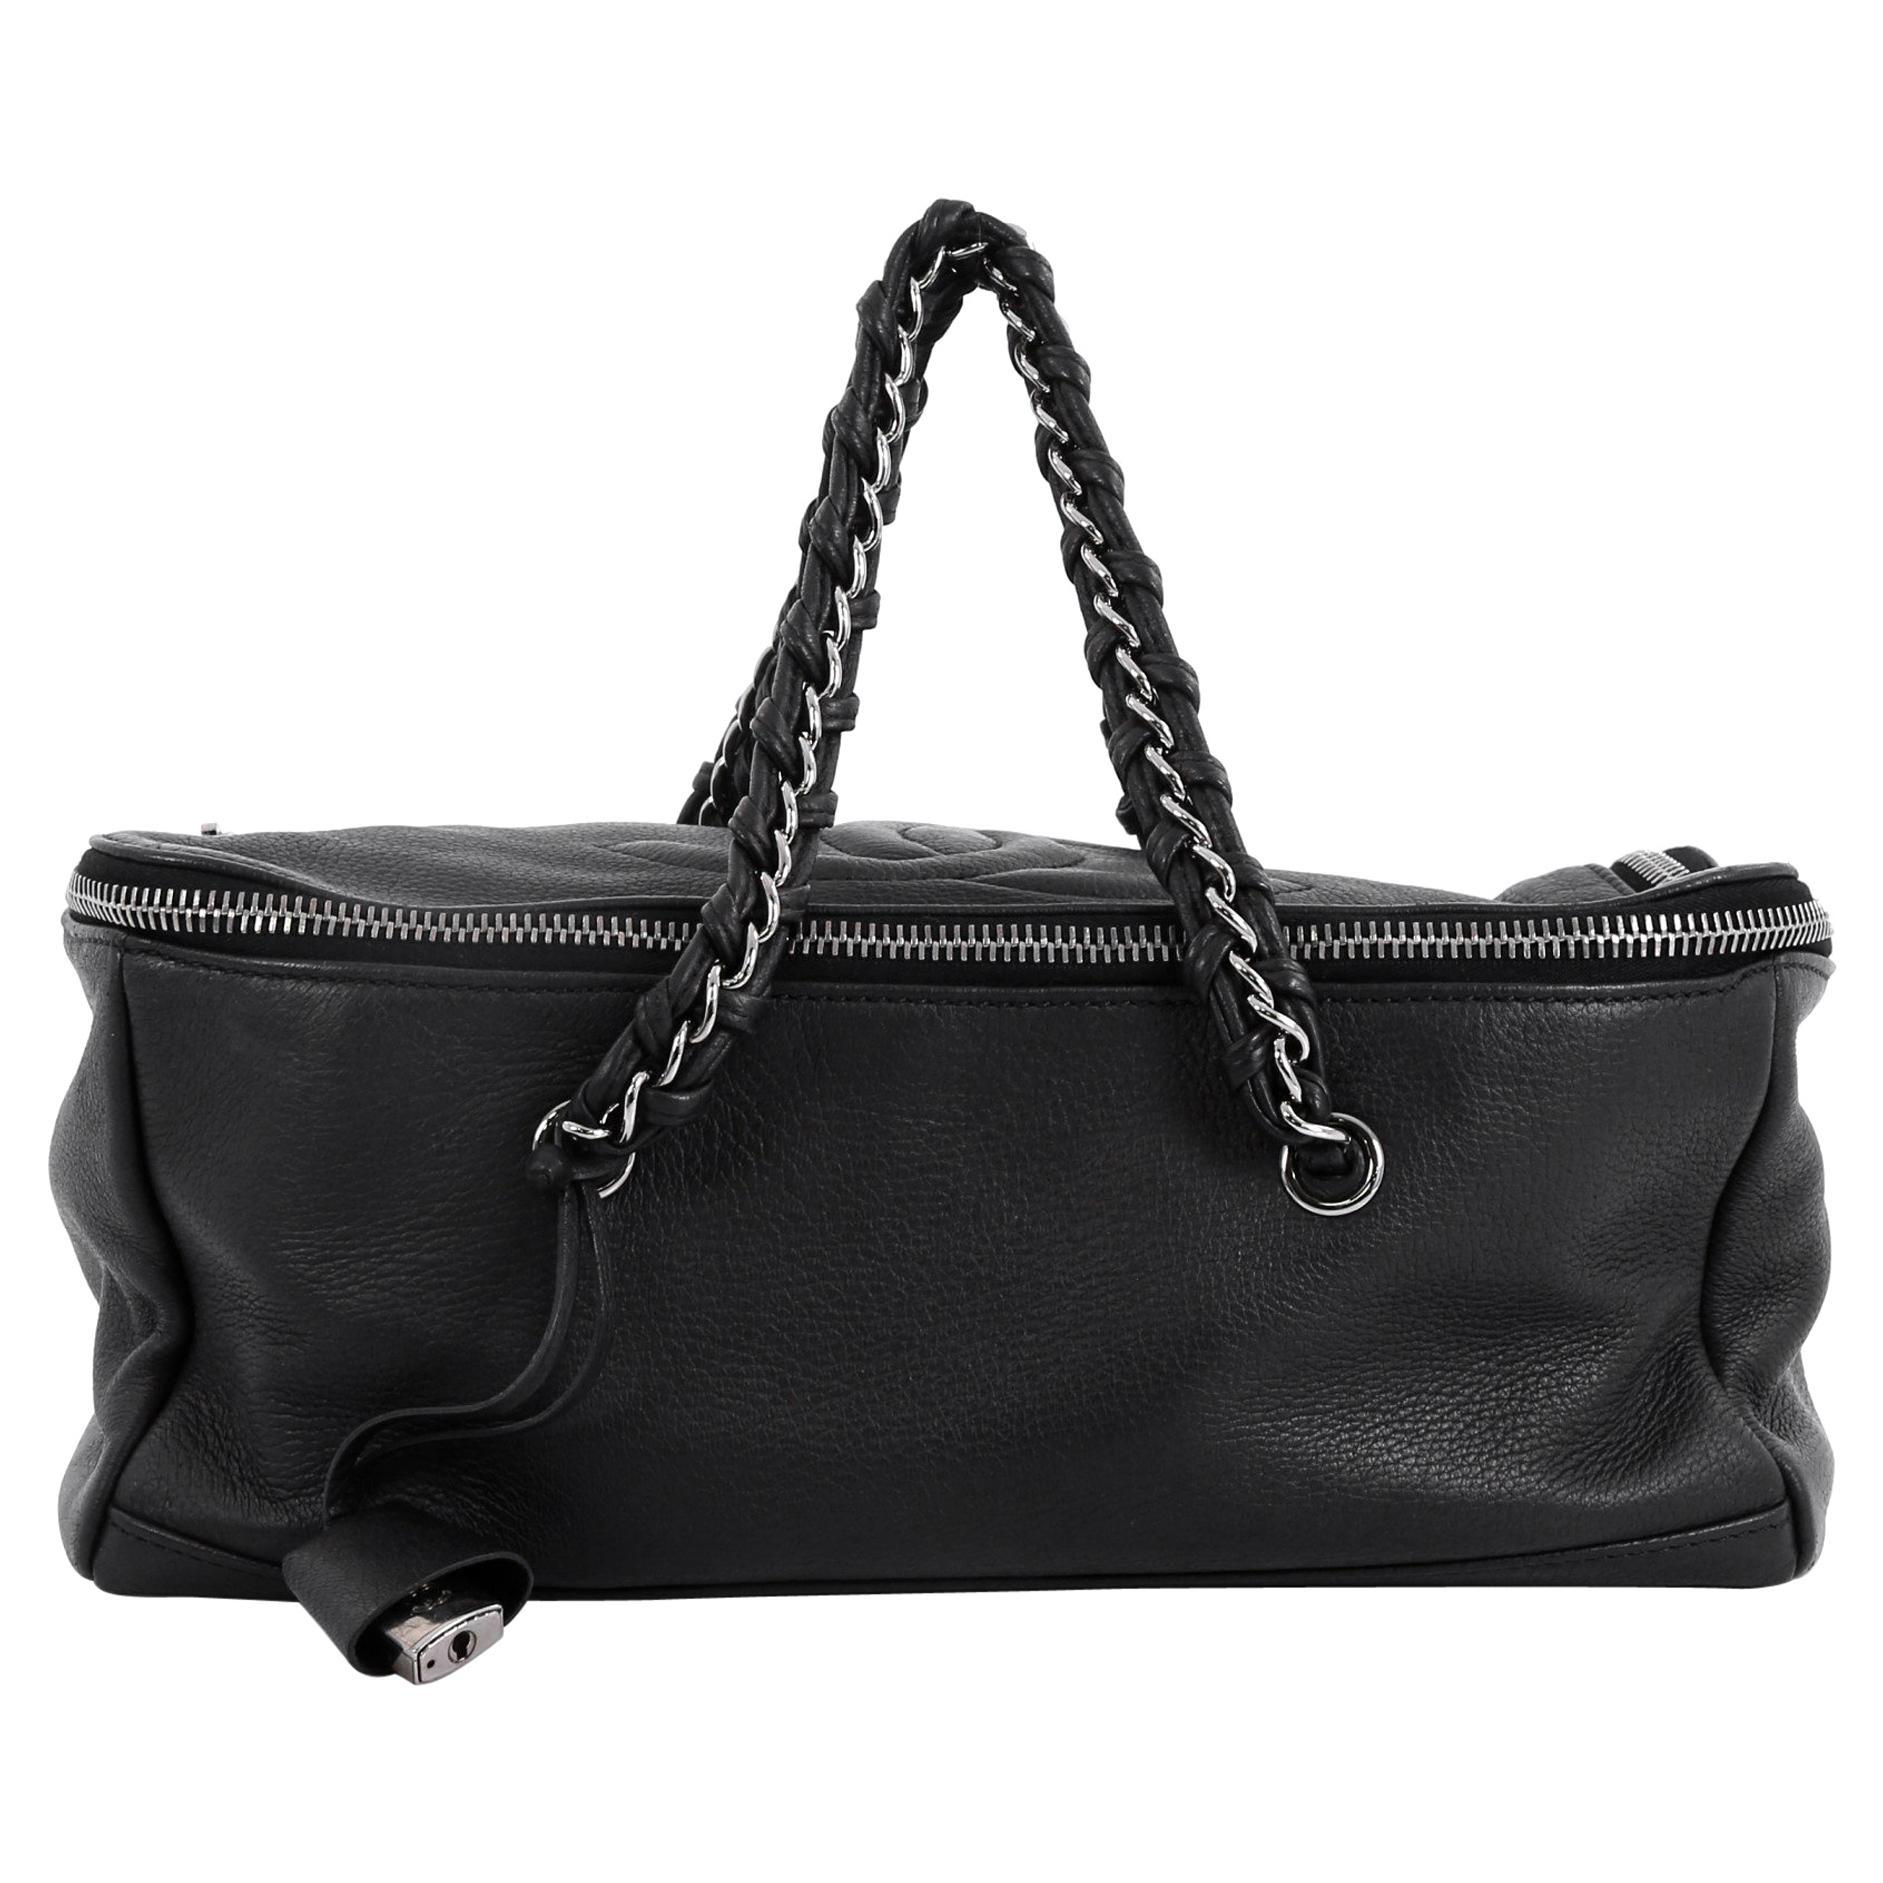 c829d56933c6 Rebag Top Handle Bags - 1stdibs - Page 6